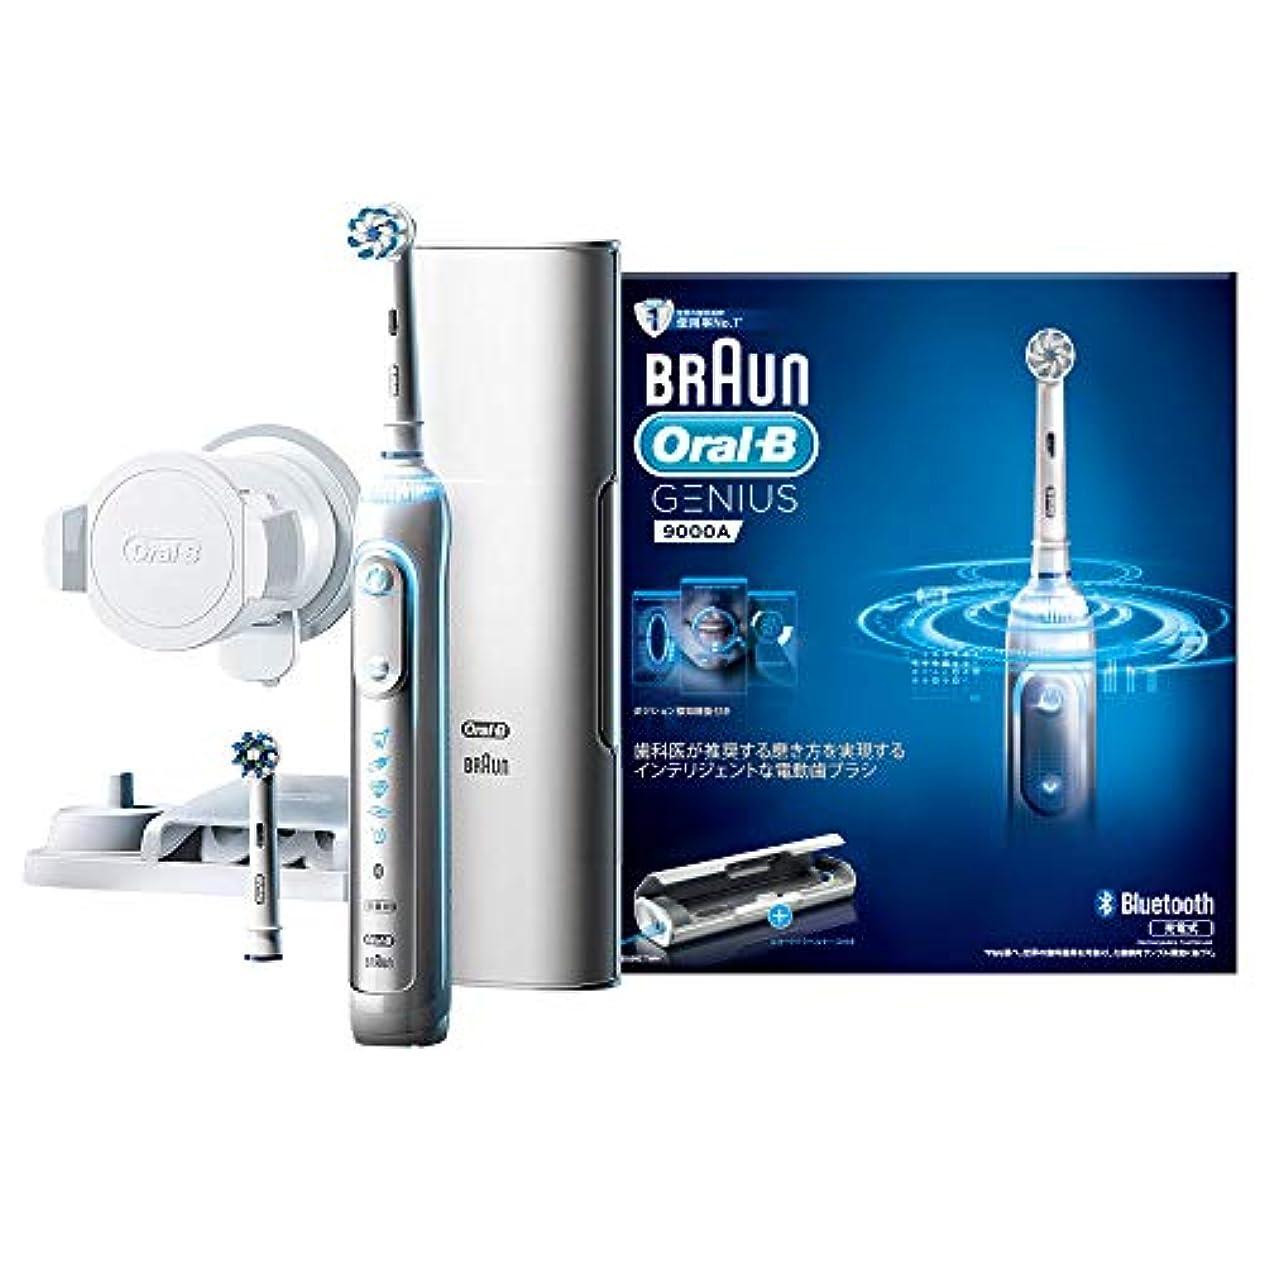 縁スワップ増幅するブラウン オーラルB 電動歯ブラシ ジーニアス9000 ホワイト D7015256XCTWH